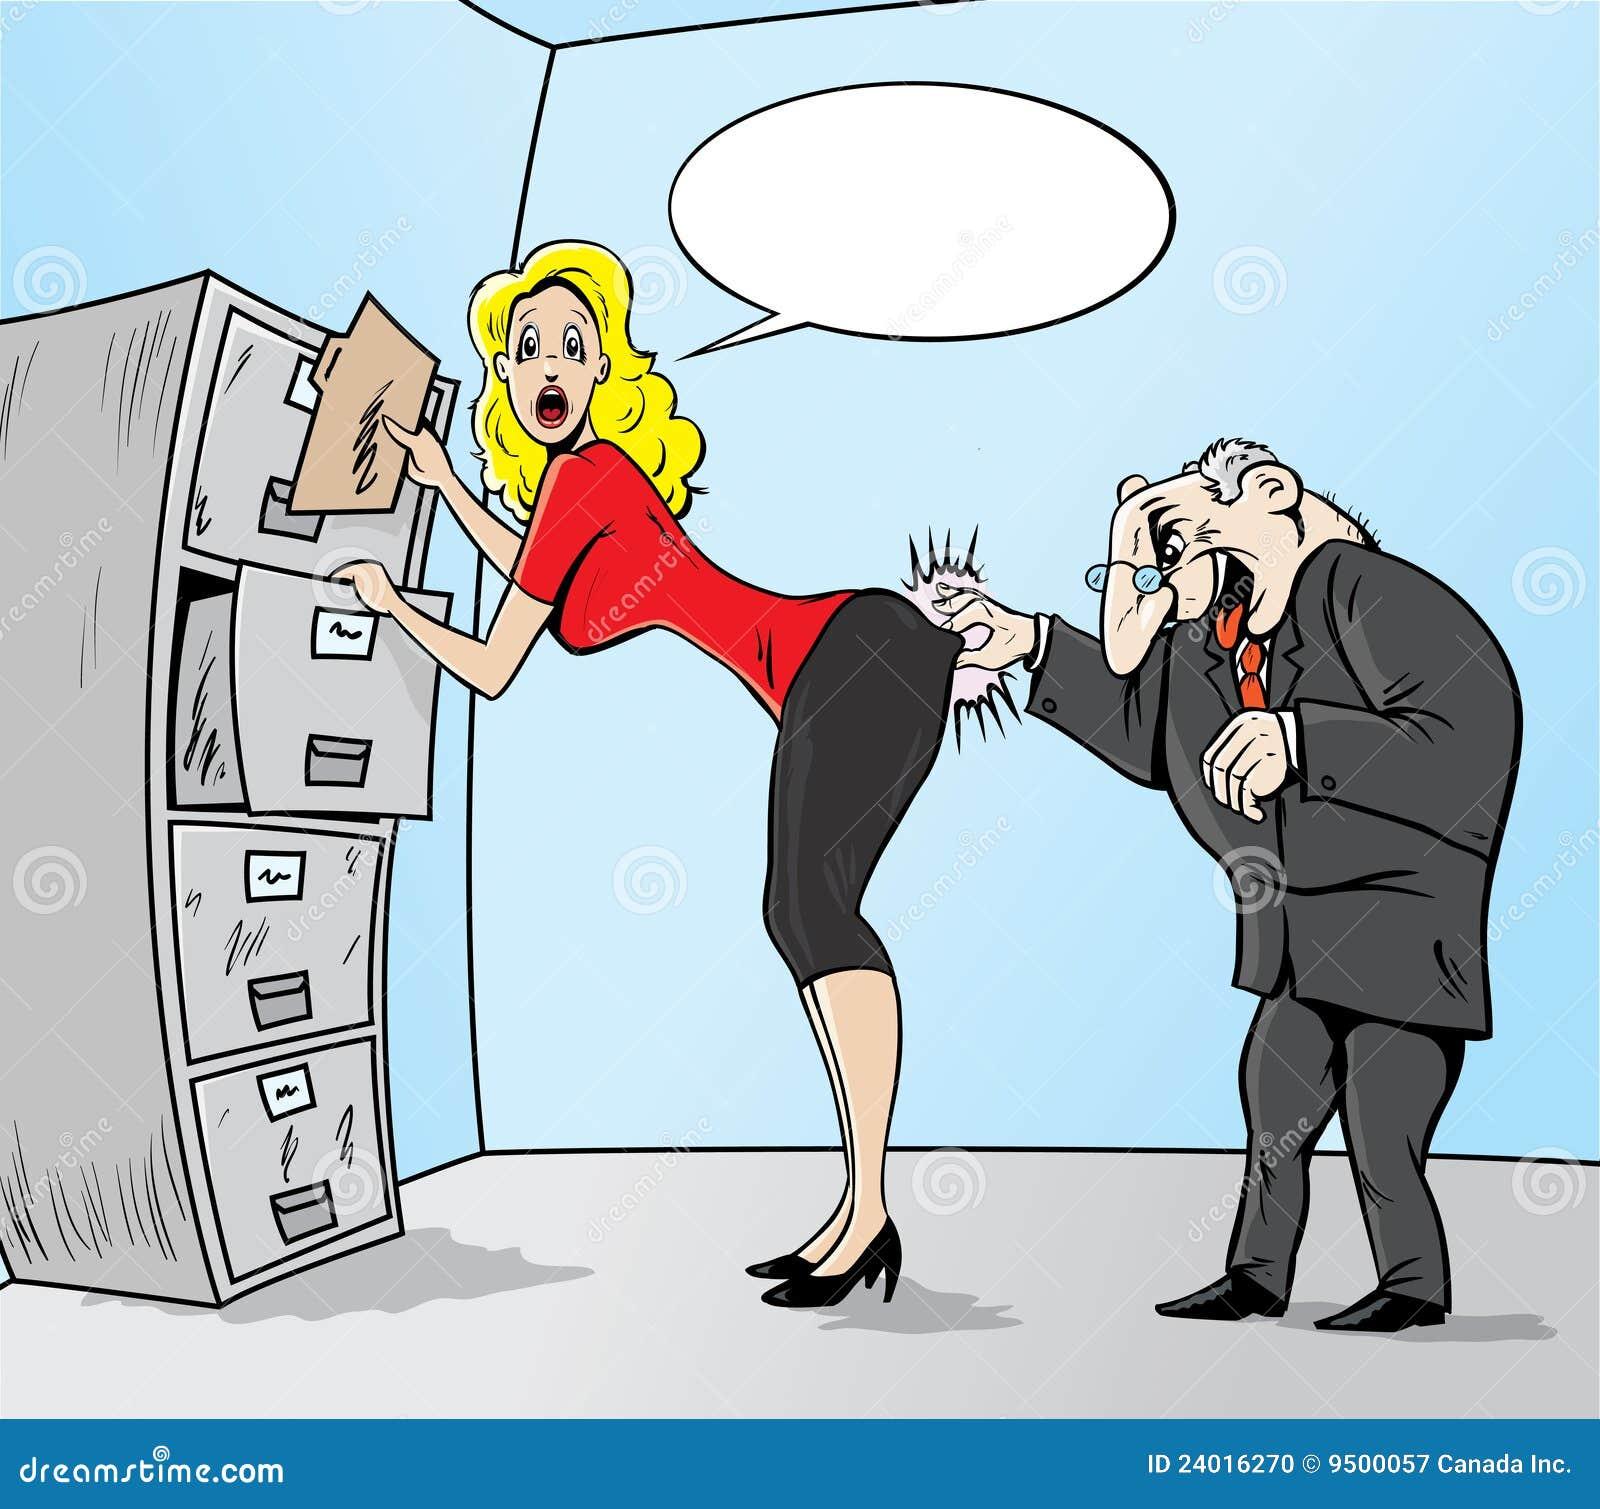 Sexuelle Belästigung Stockfoto - Bild: 24016270